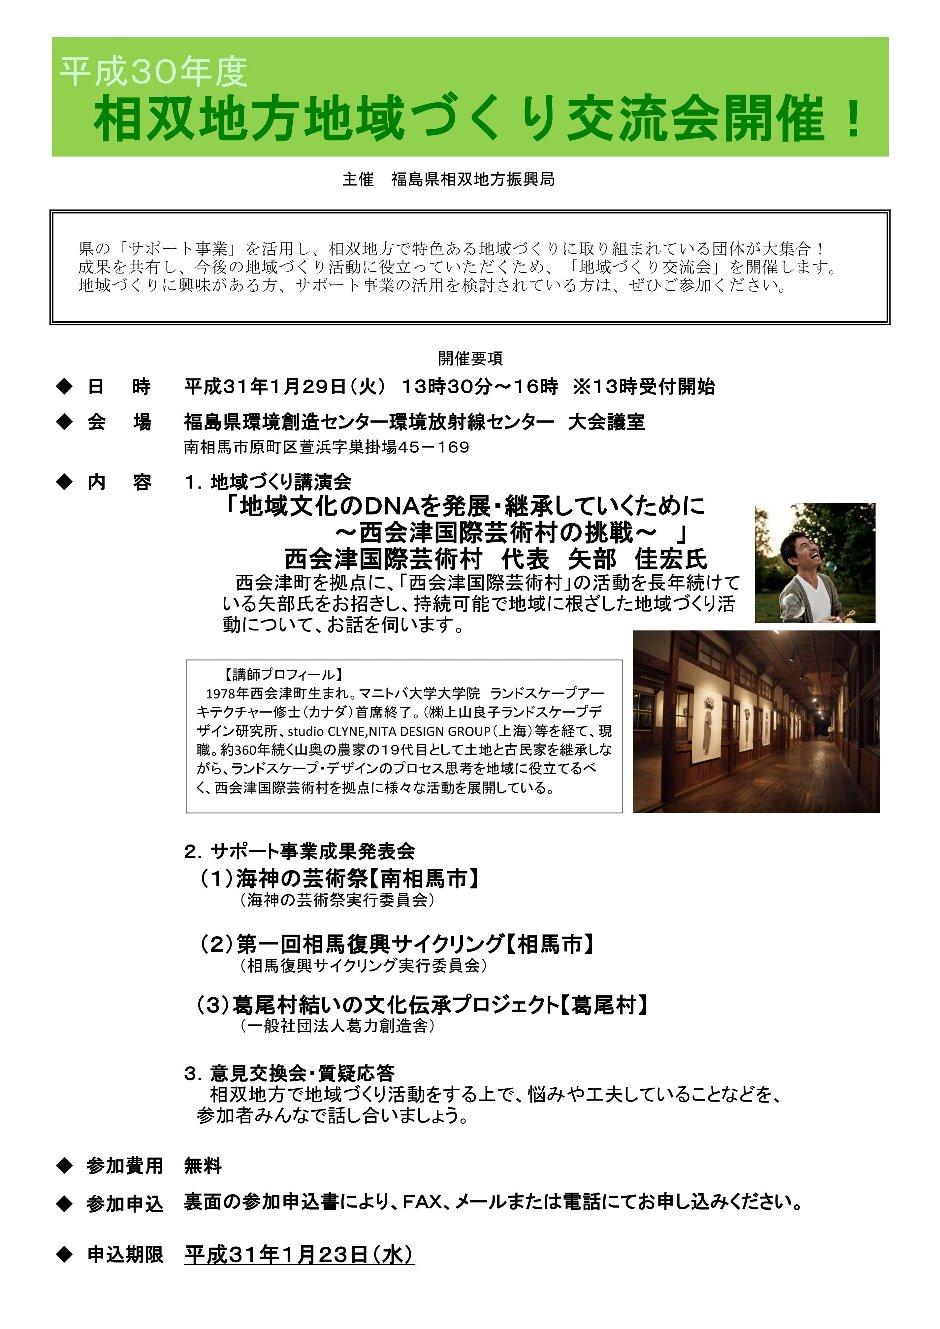 2019.1.29平成30年度 相双地方地域づくり交流会